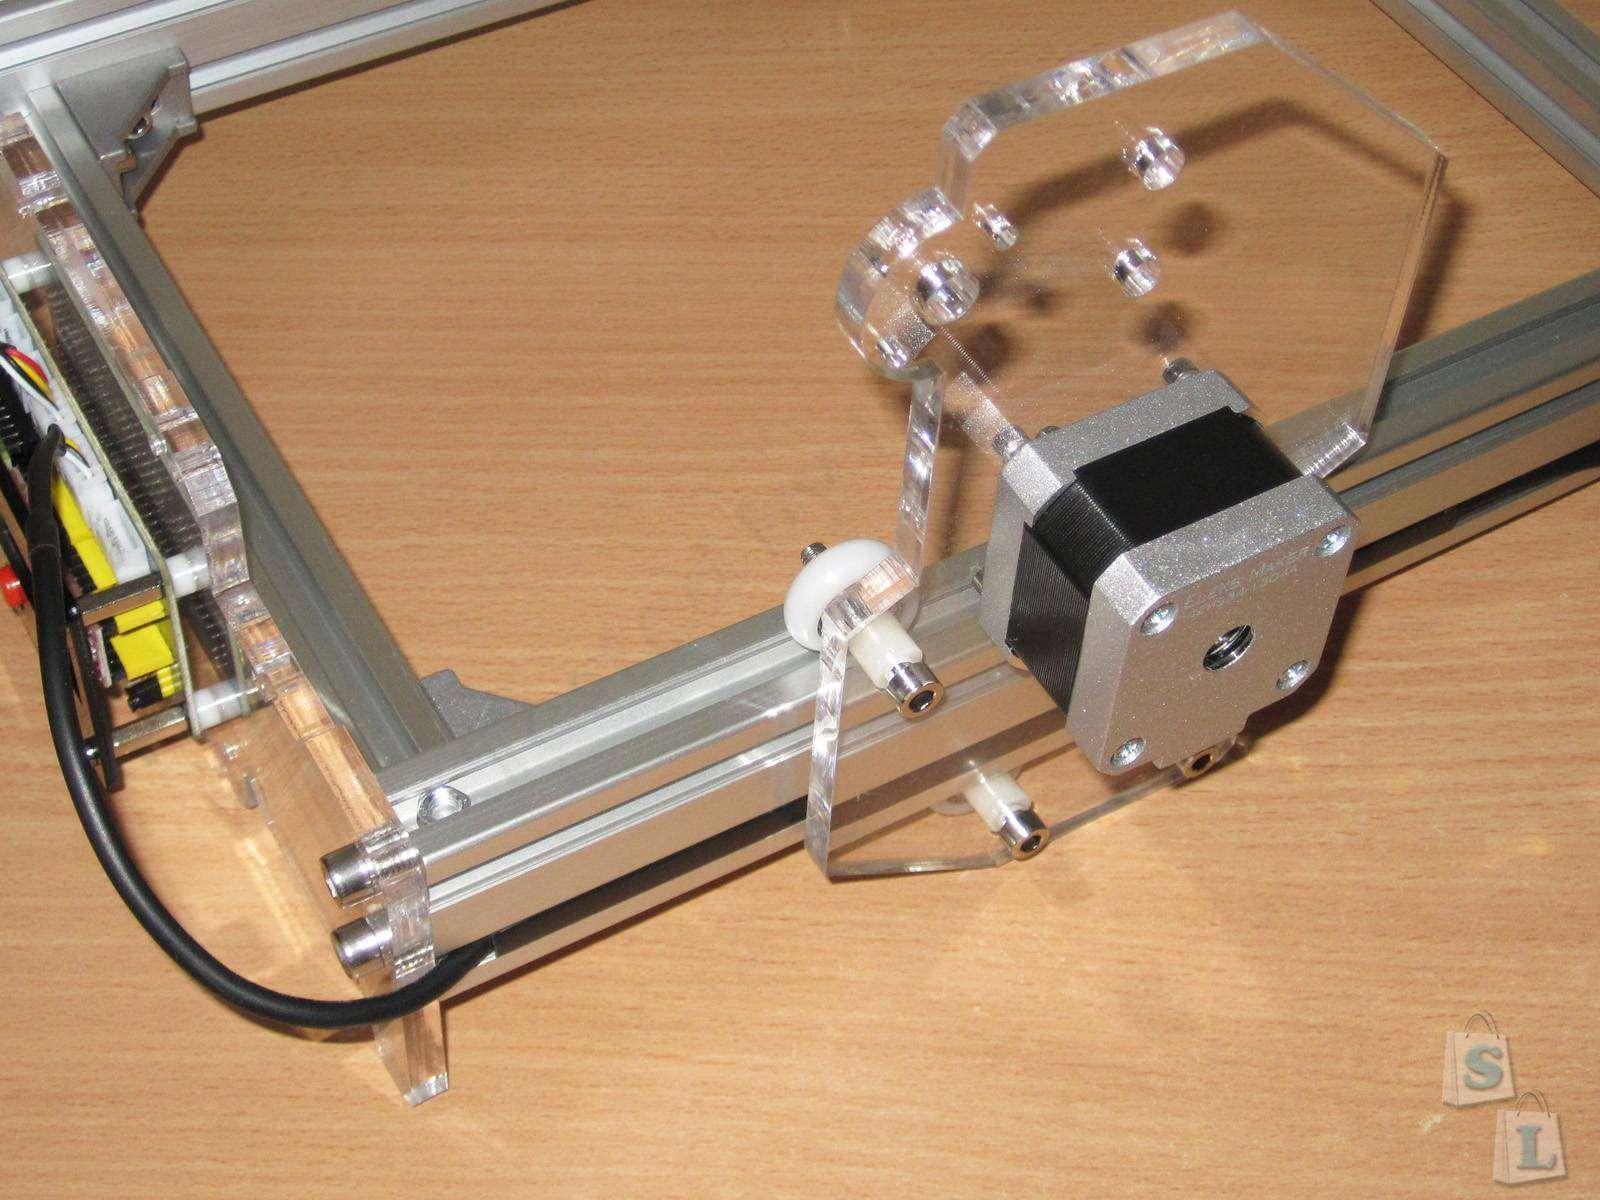 GearBest: Конструктор для сборки лазерного гравера с лазером мощностью 2.5 Ватта